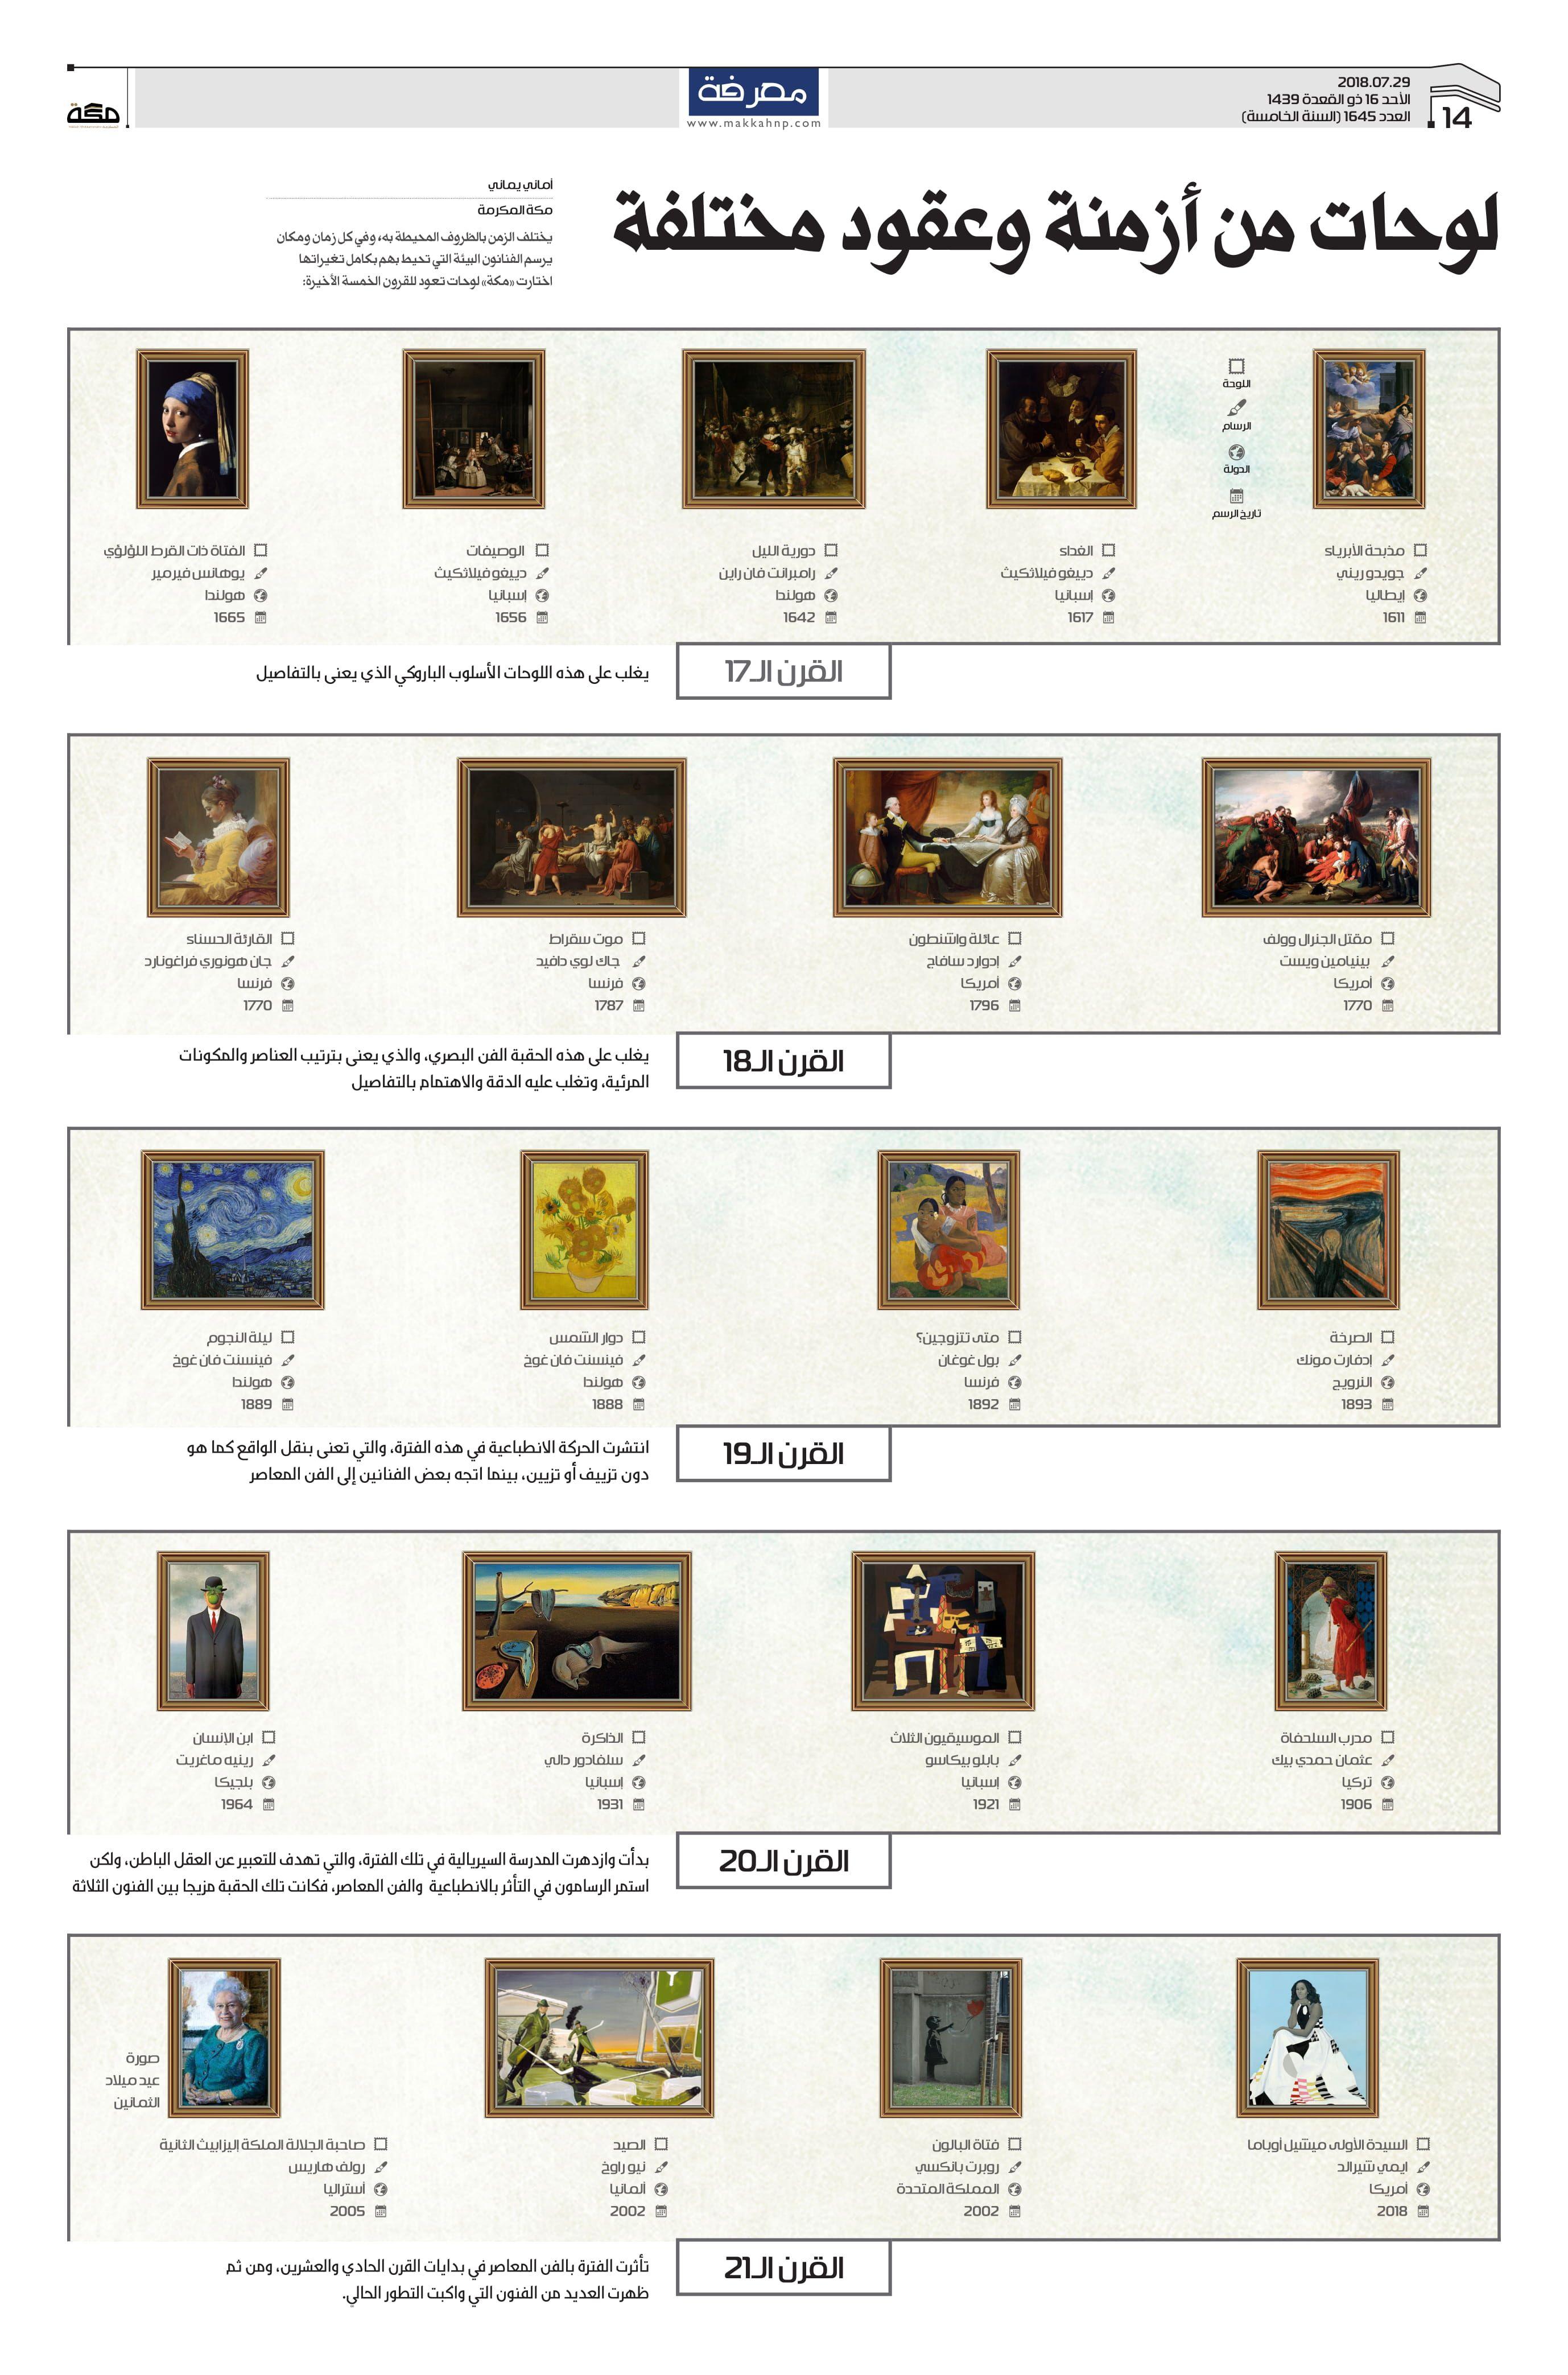 لوحات من أزمنة وعقود مختلفة صحيفة مكة انفوجرافيك معلومات Photo Wall Infographic Photo